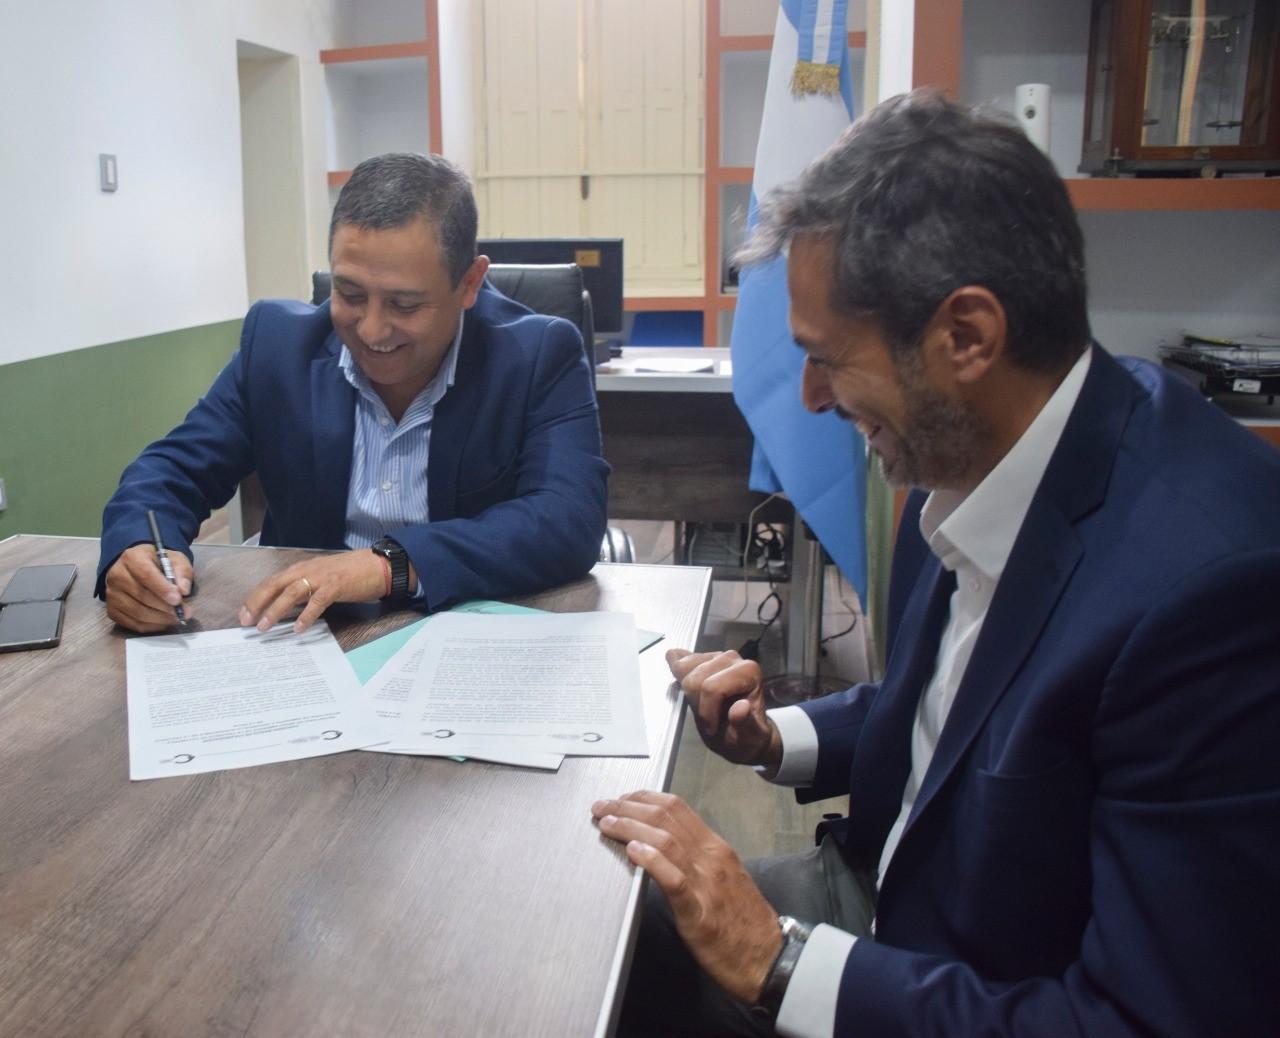 Catamarca y La Rioja firman convenio de colaboración para el control de tránsito ilegal de la flora y fauna